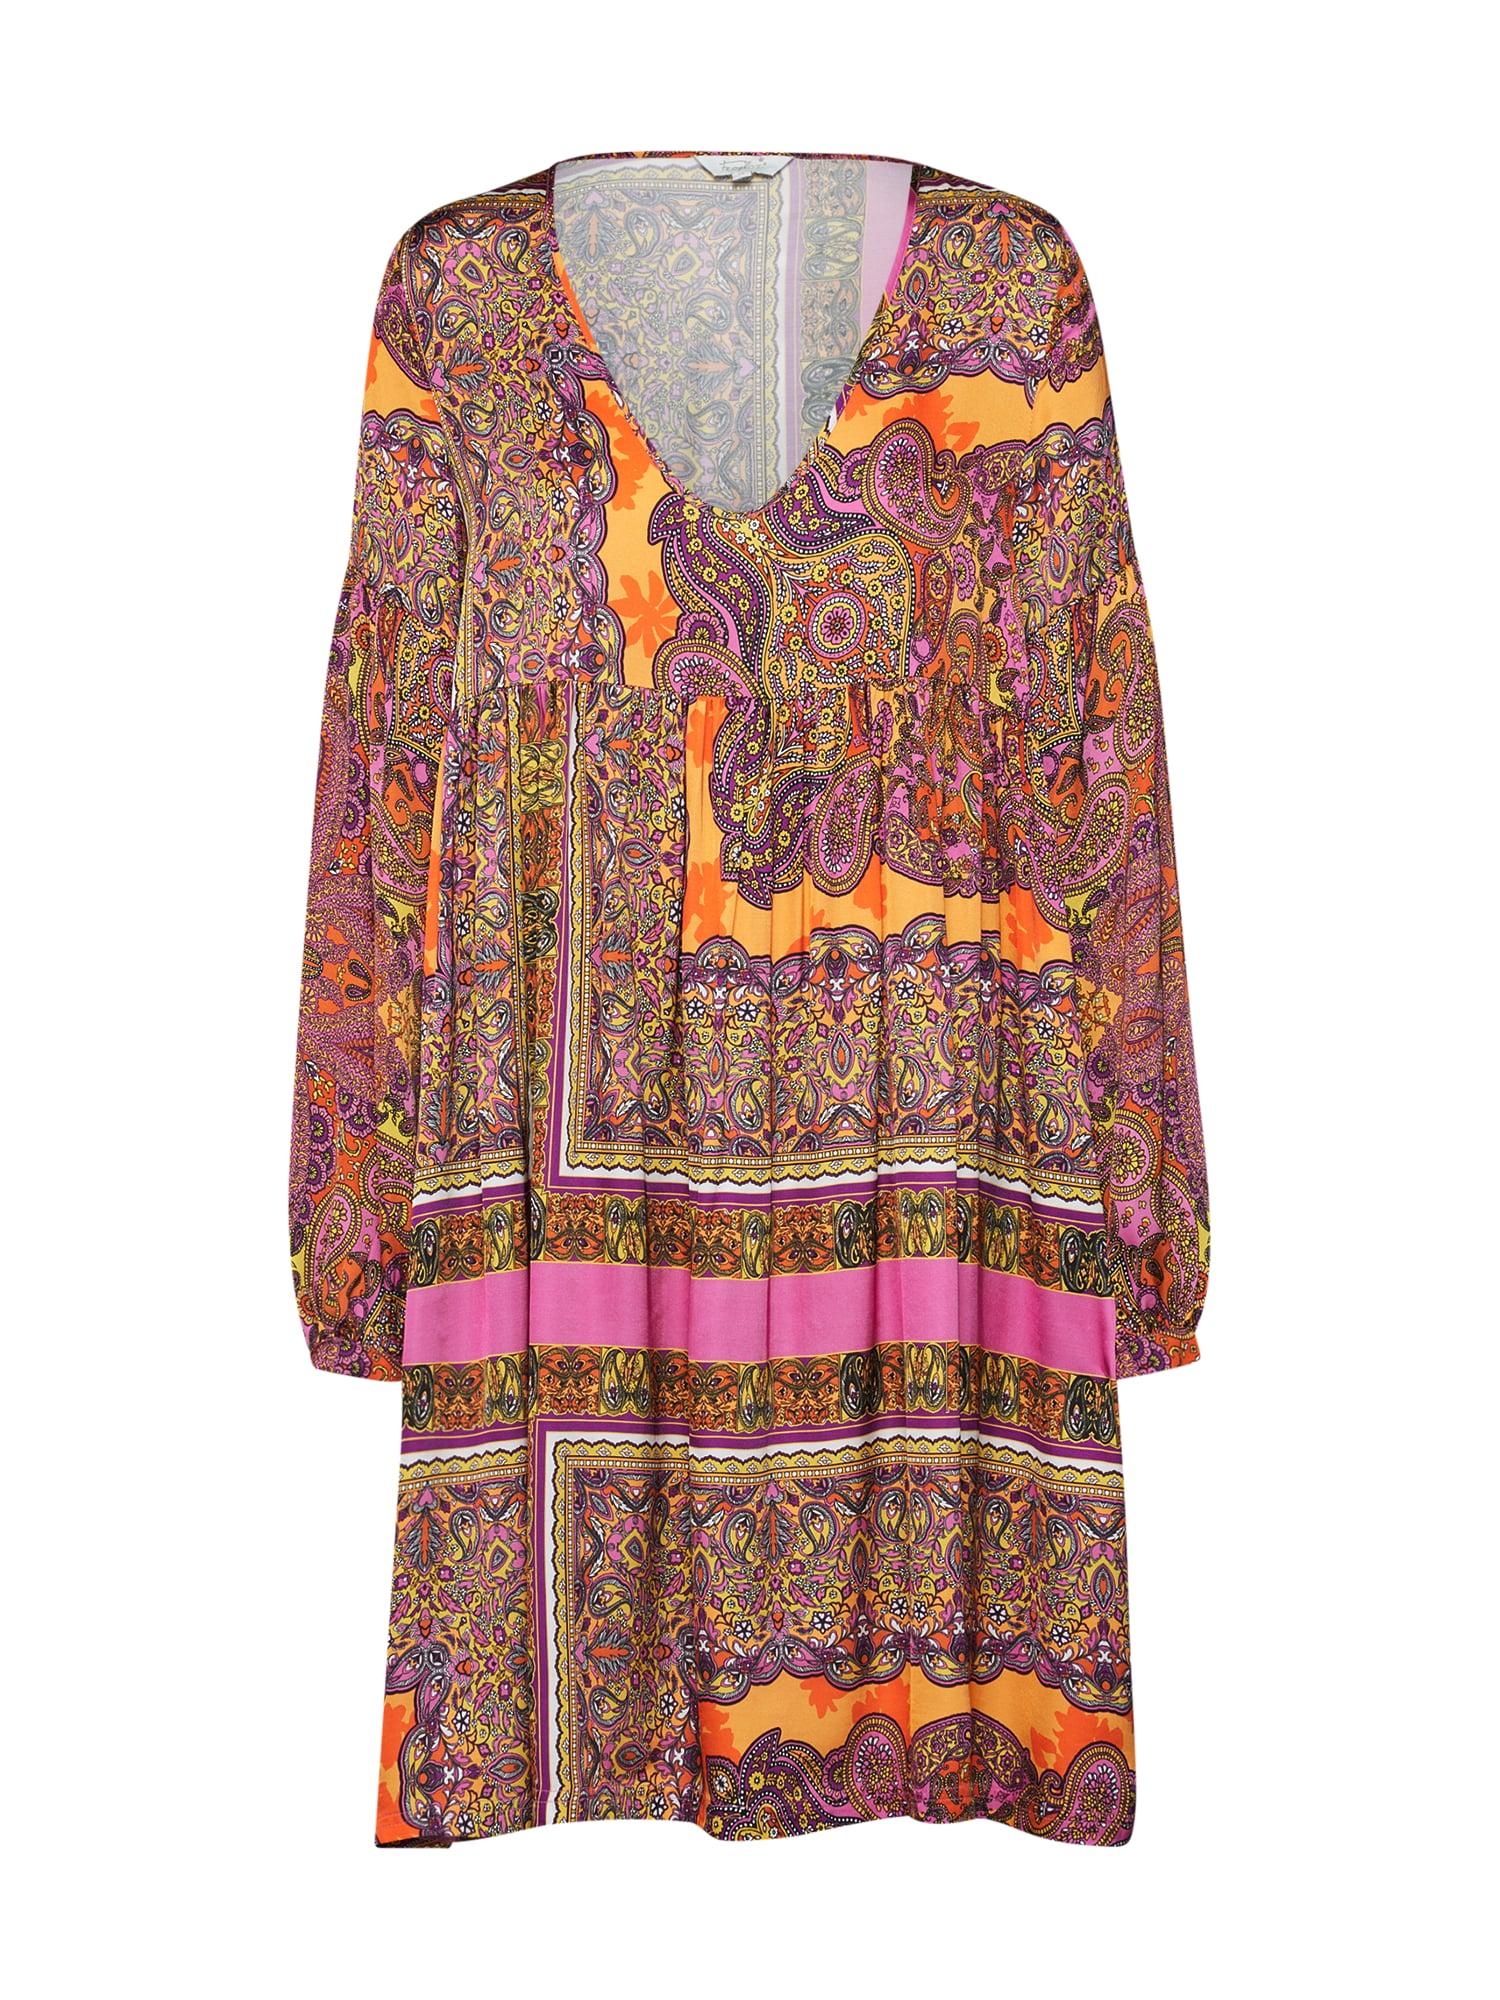 Letní šaty Tunic mix barev Frogbox